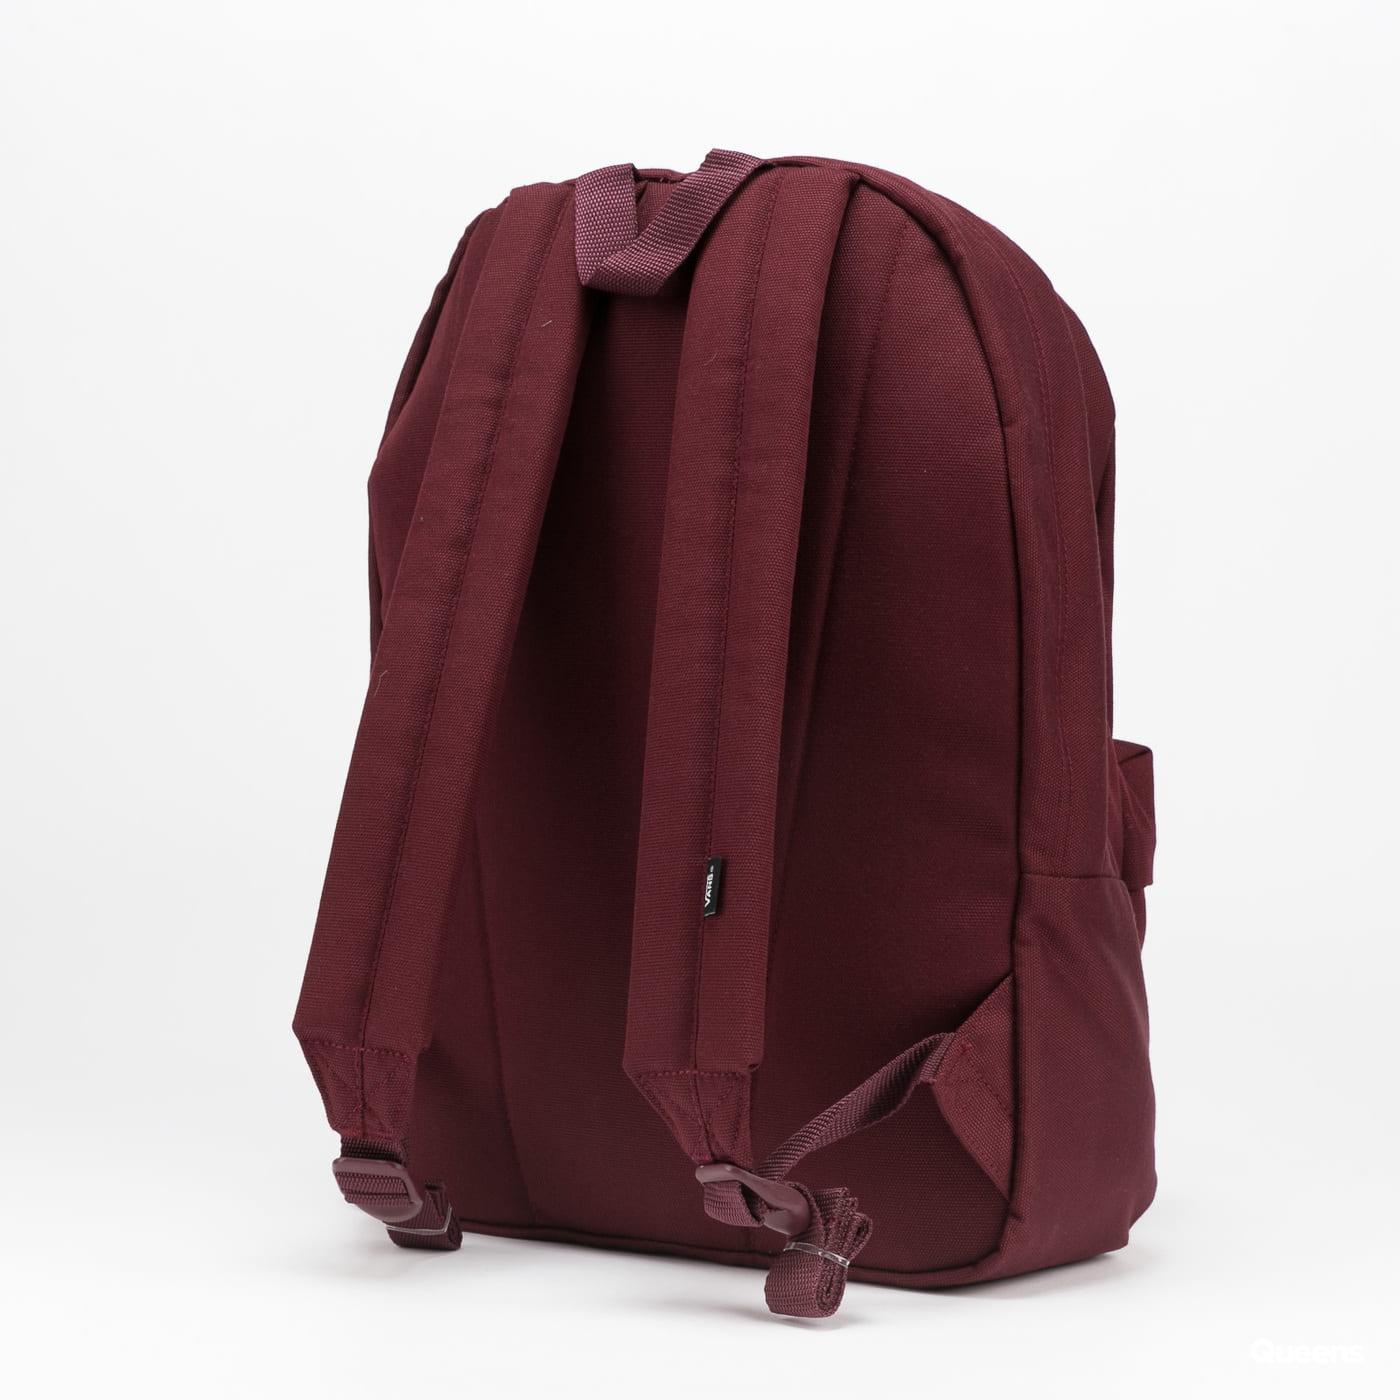 Vans Old Skool III Backpack bordeaux